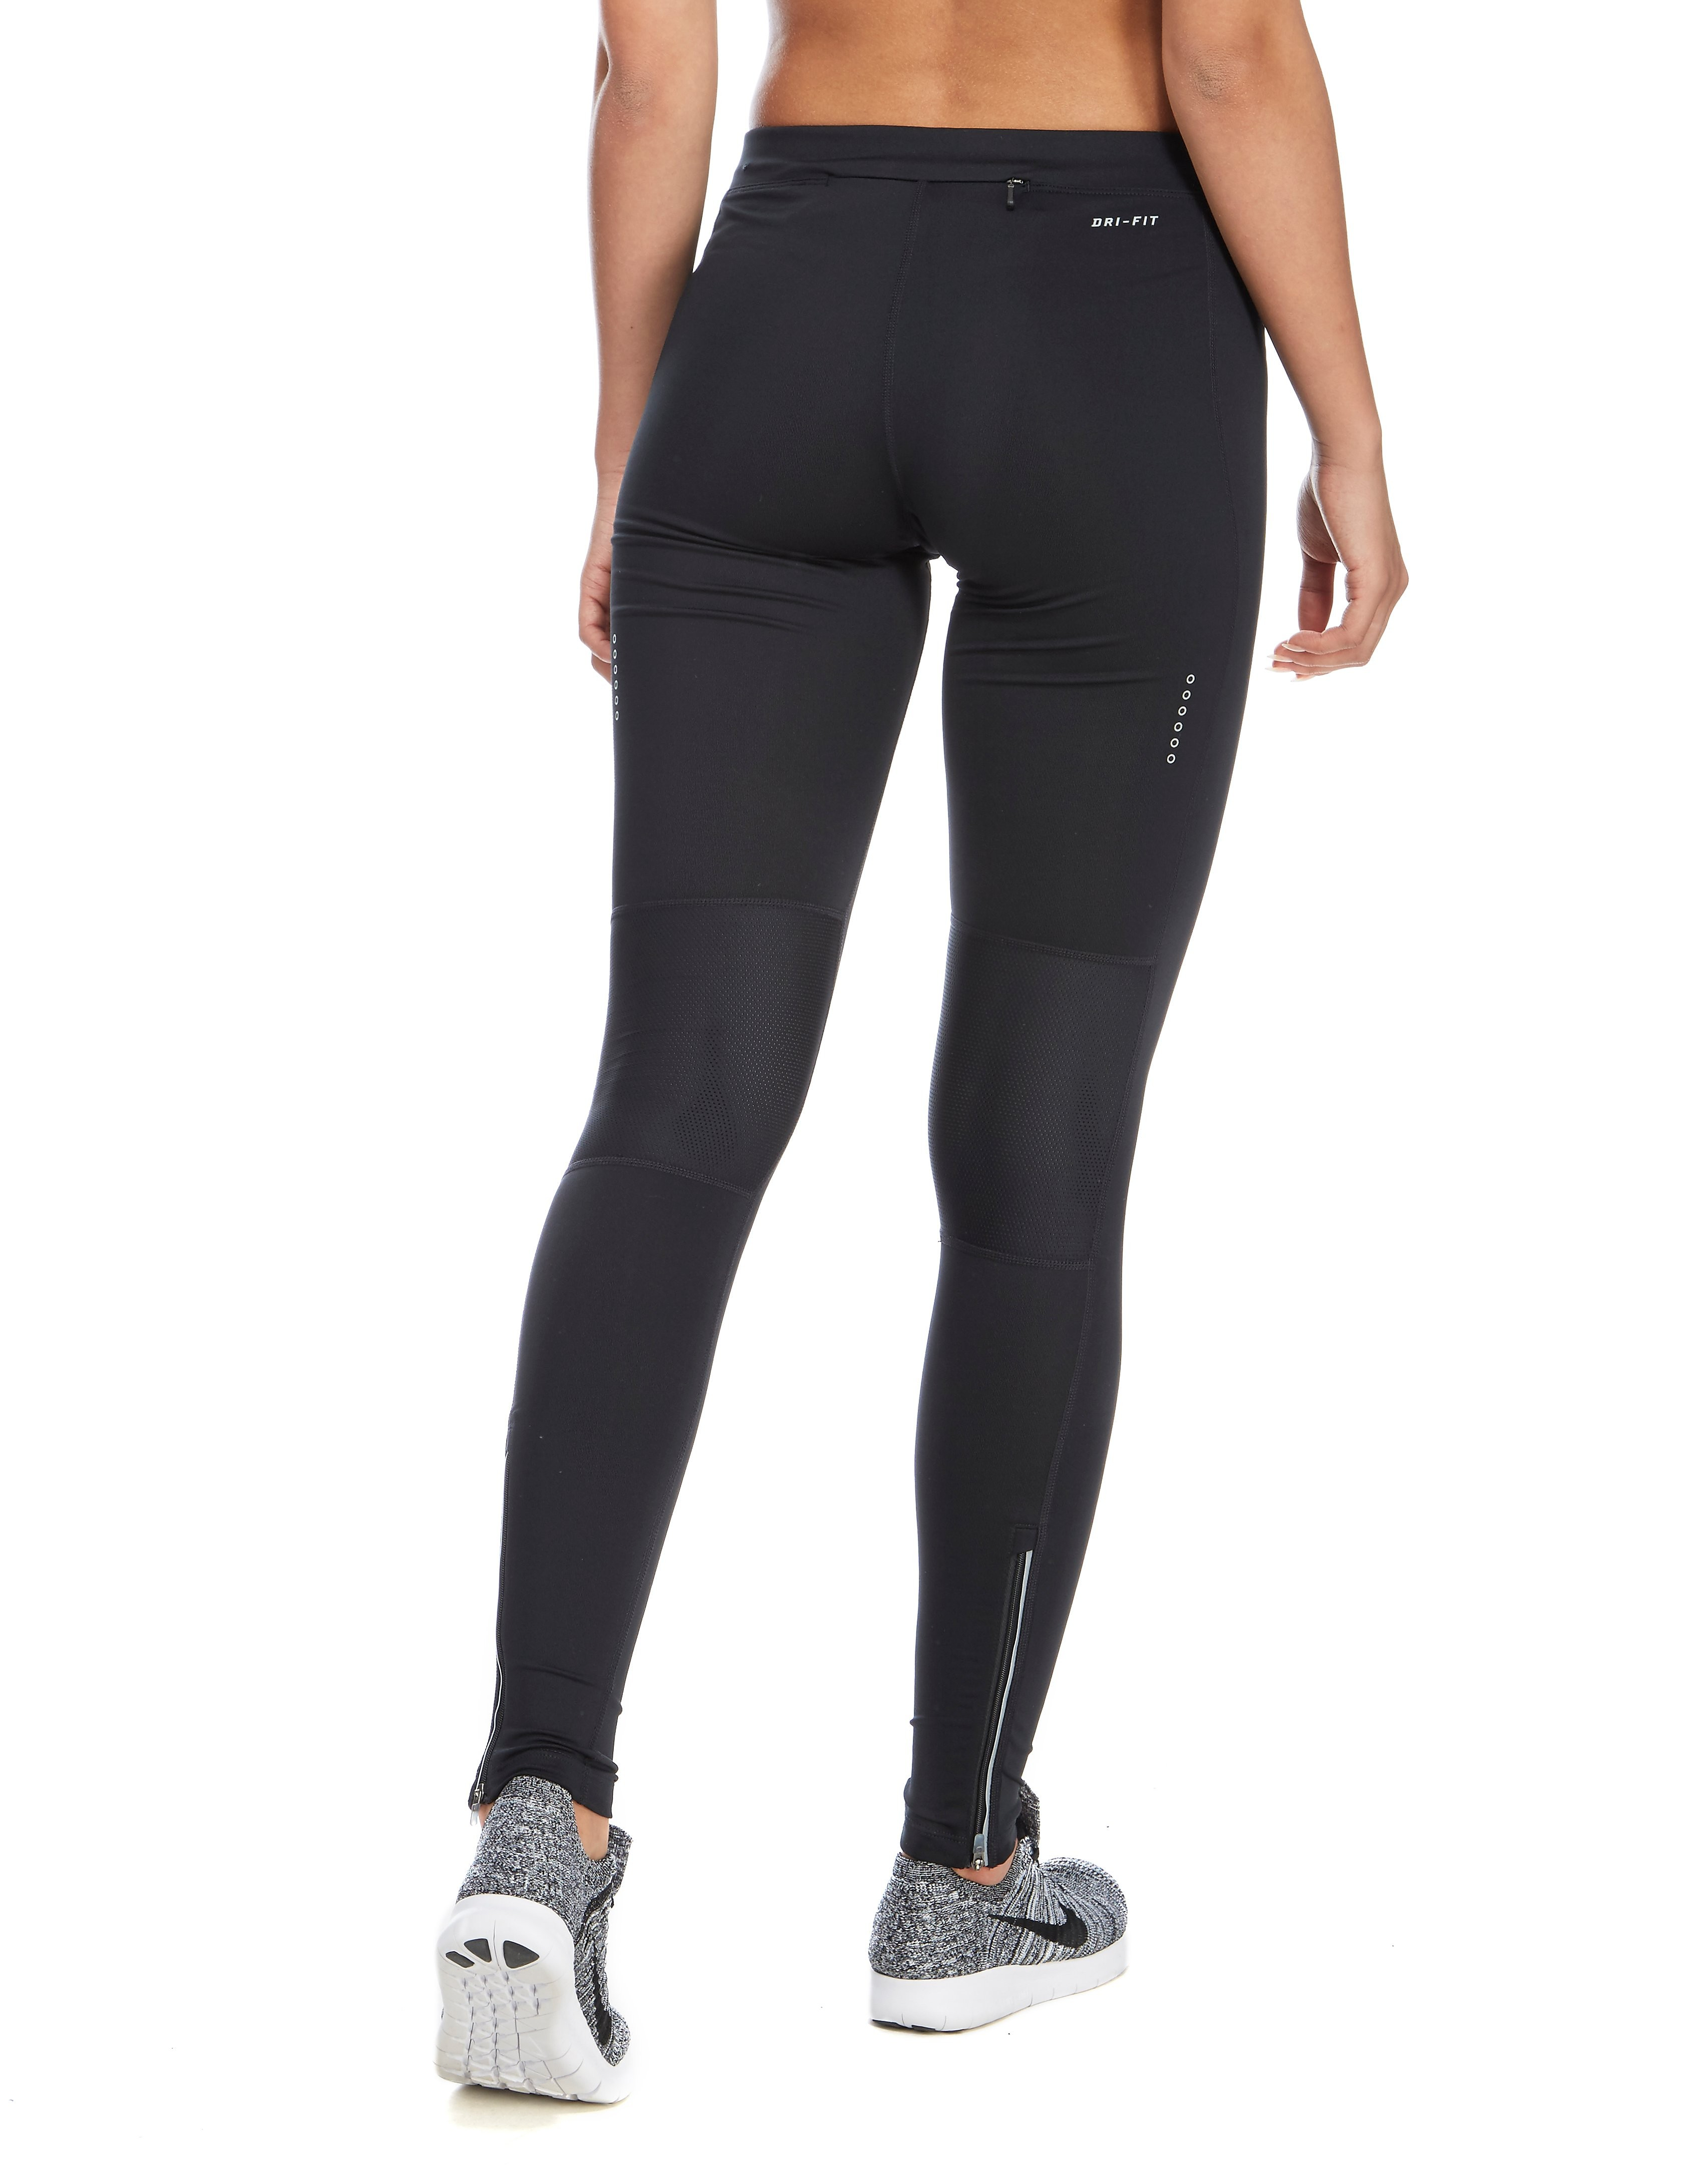 Nike Dri-Fit Essential Tights